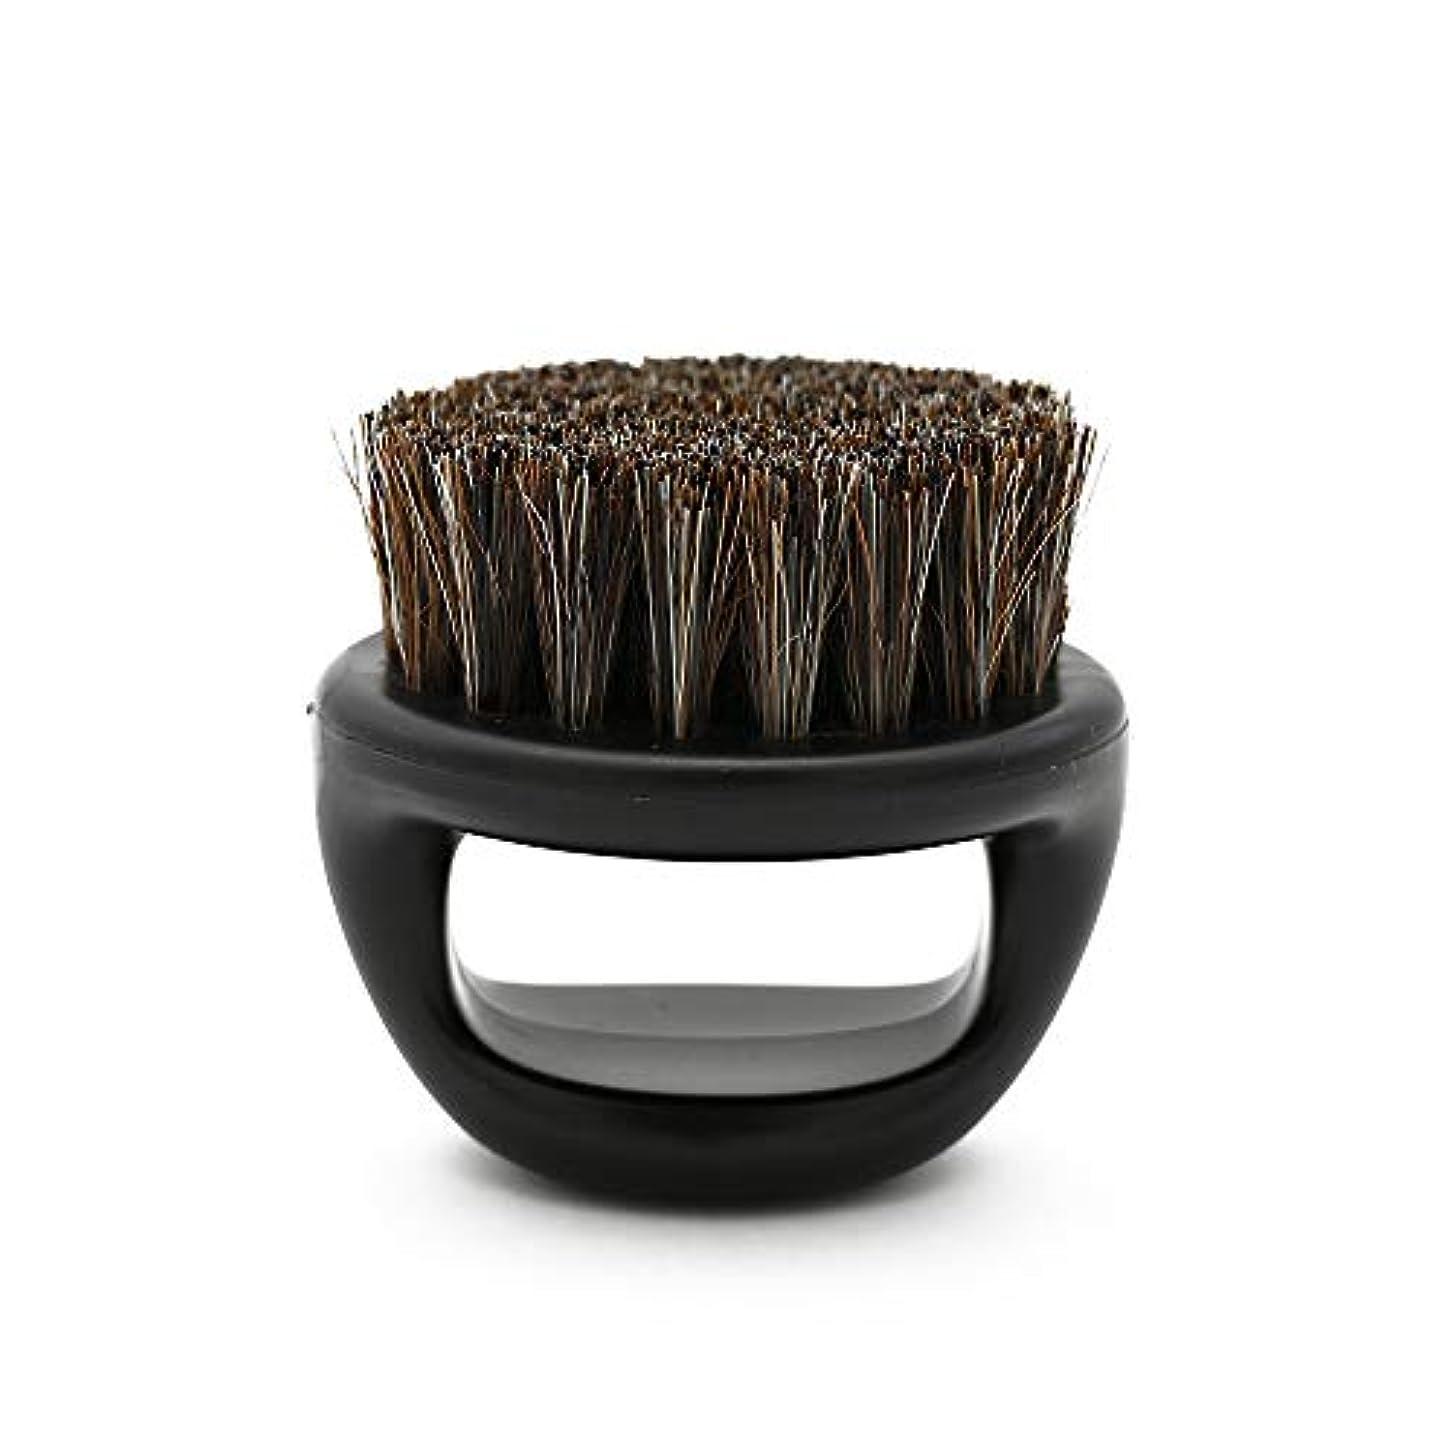 笑賛辞弾薬CUHAWUDBA 1個リングデザイン馬毛メンズシェービングブラシプラスチック製の可搬式理容ひげブラシサロンフェイスクリーニングかみそりブラシ(ブラック)